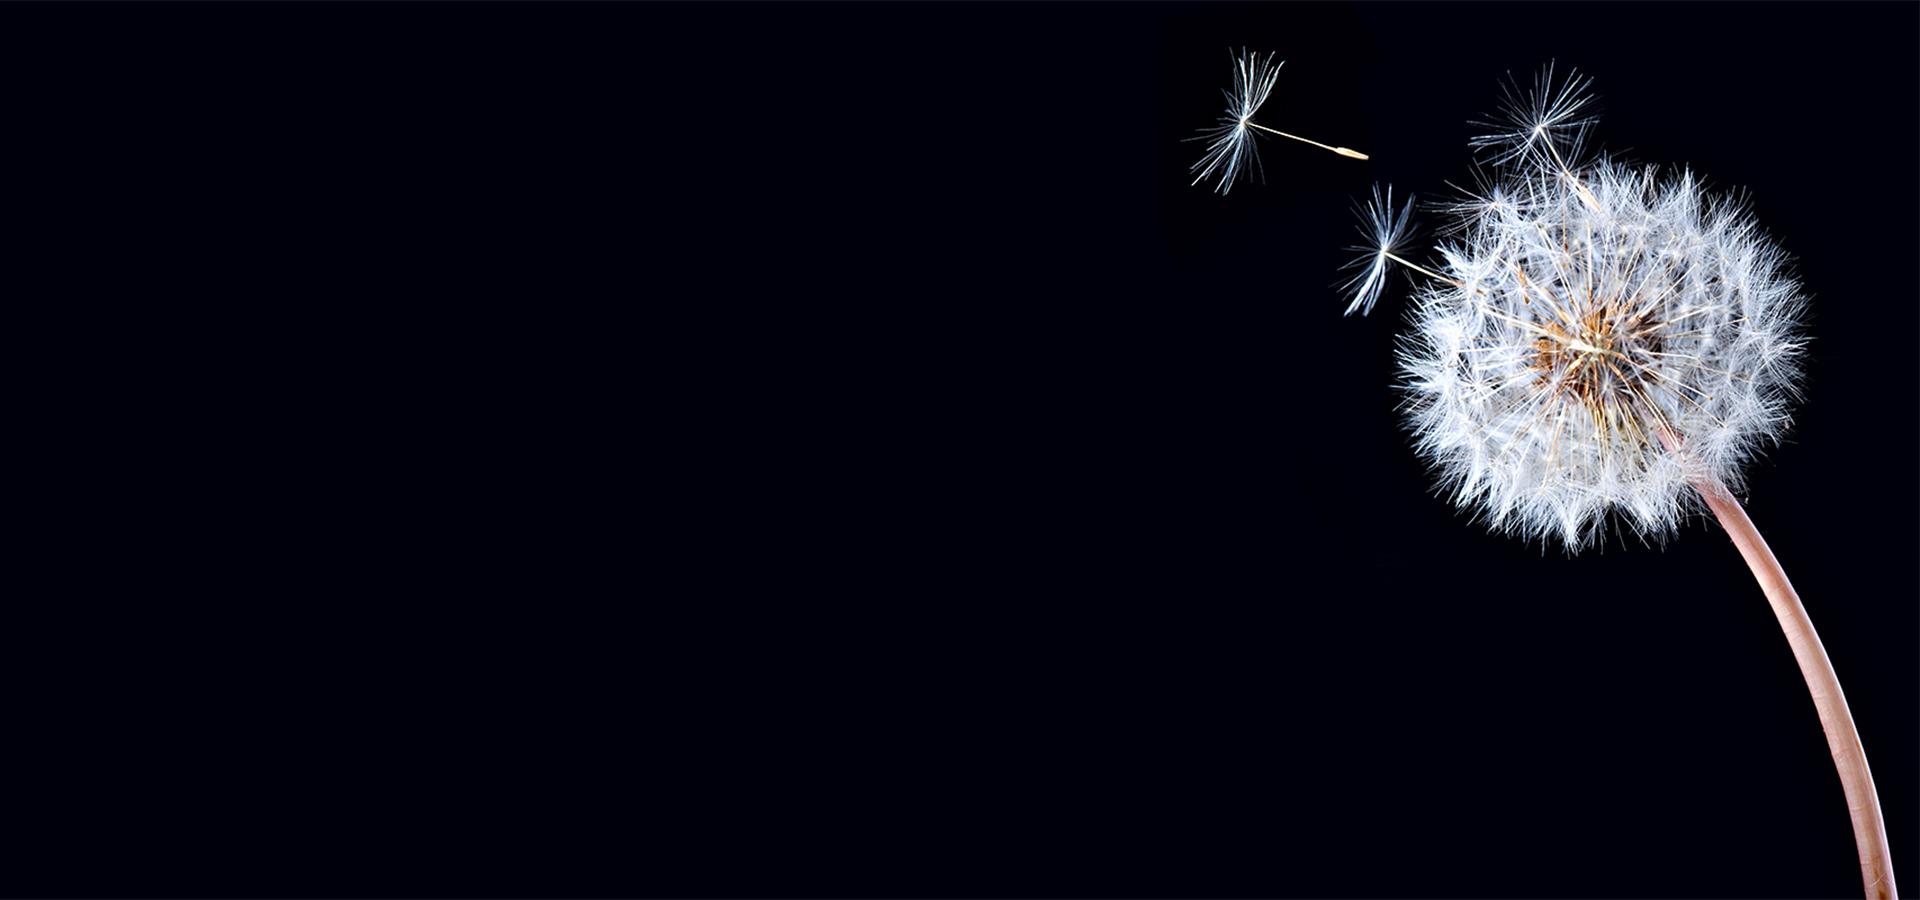 fond noir de graines de pissenlit flocon pissenlit flocon